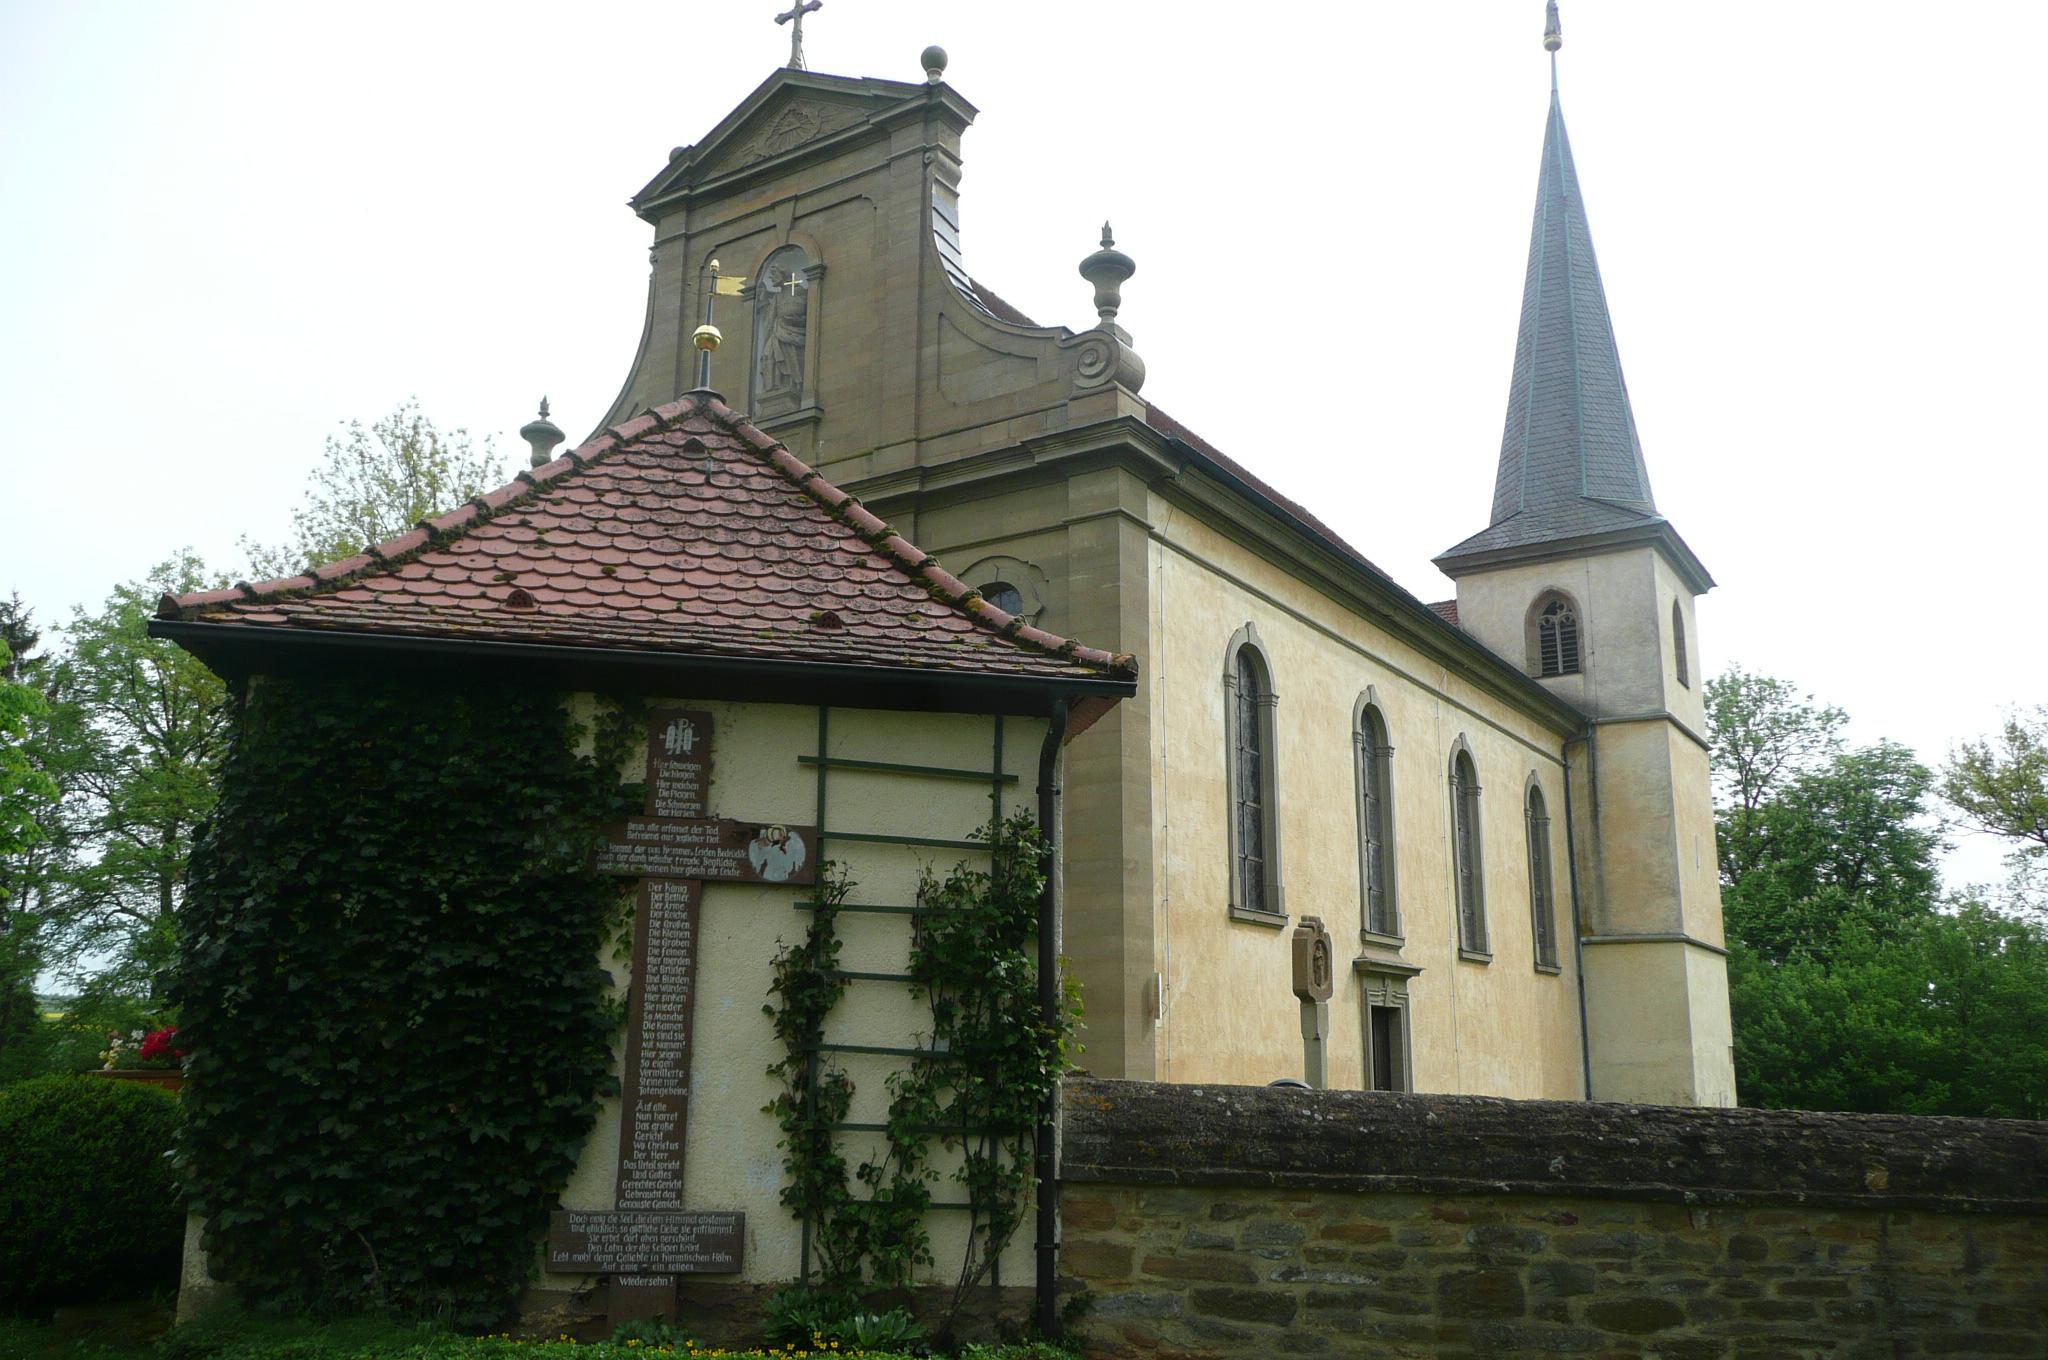 Von Saal a.d. Saale zur drei Flüsse Stadt nach Kleineibstadt